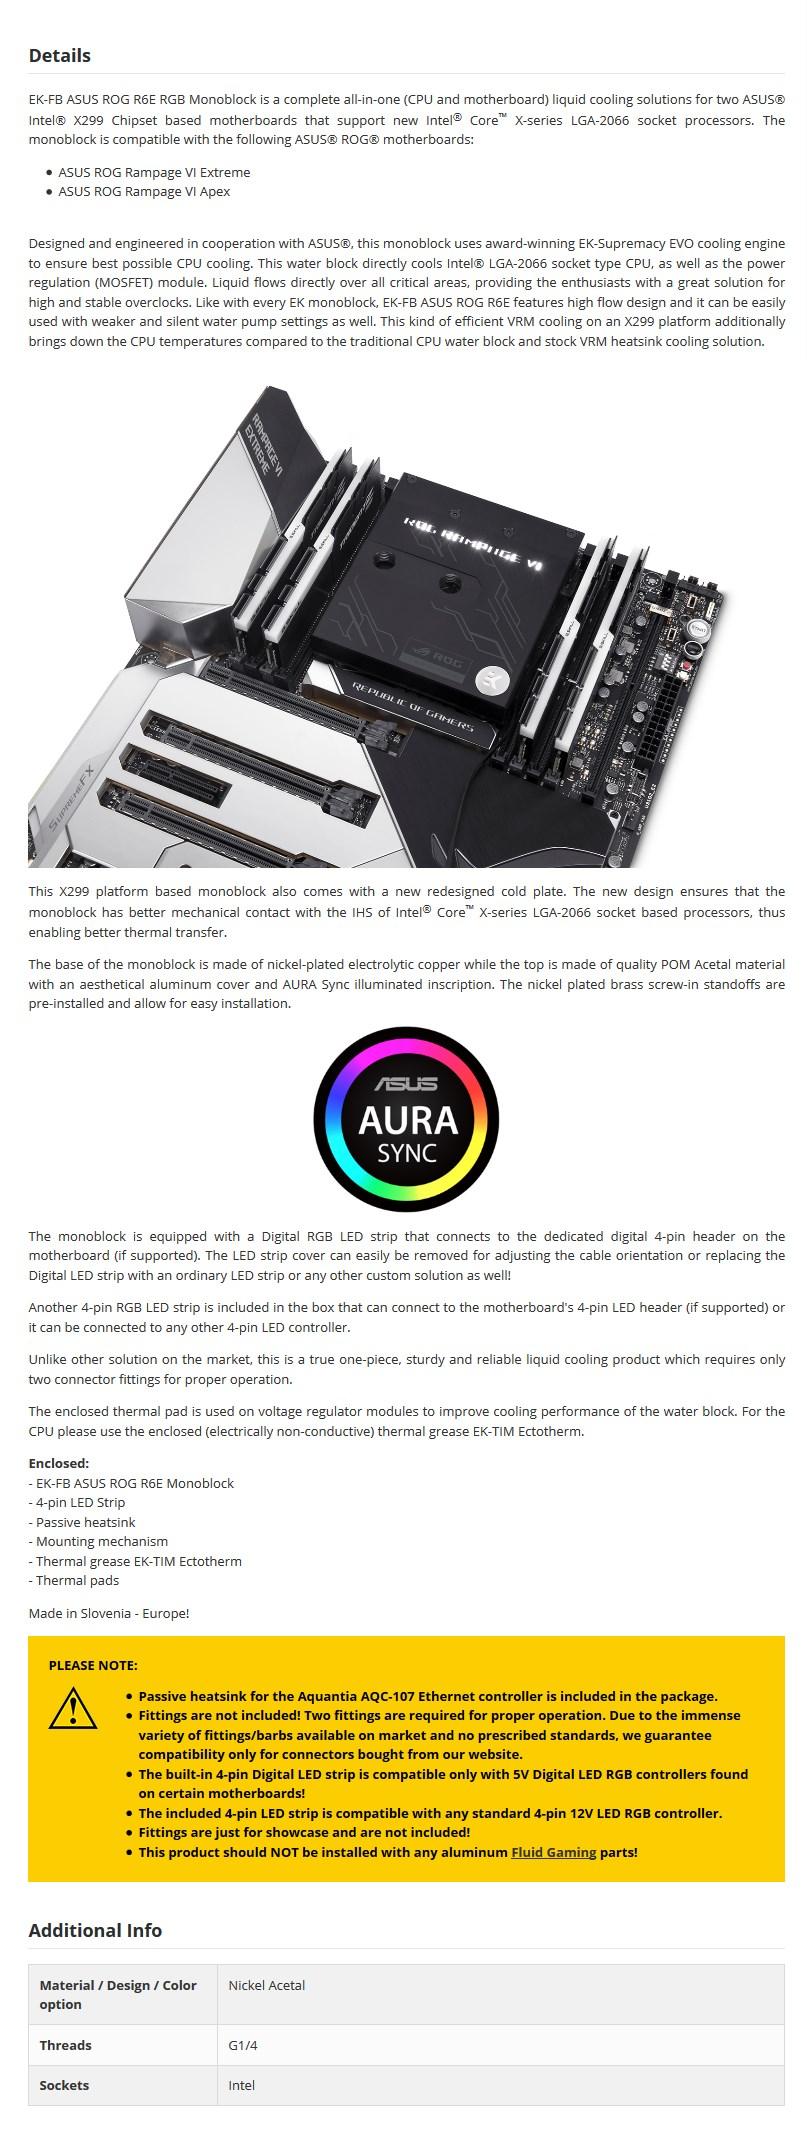 EKWB EK-FB ASUS ROG R6E RGB Monoblock - Acetal+Nickel - Desktop Overview 1